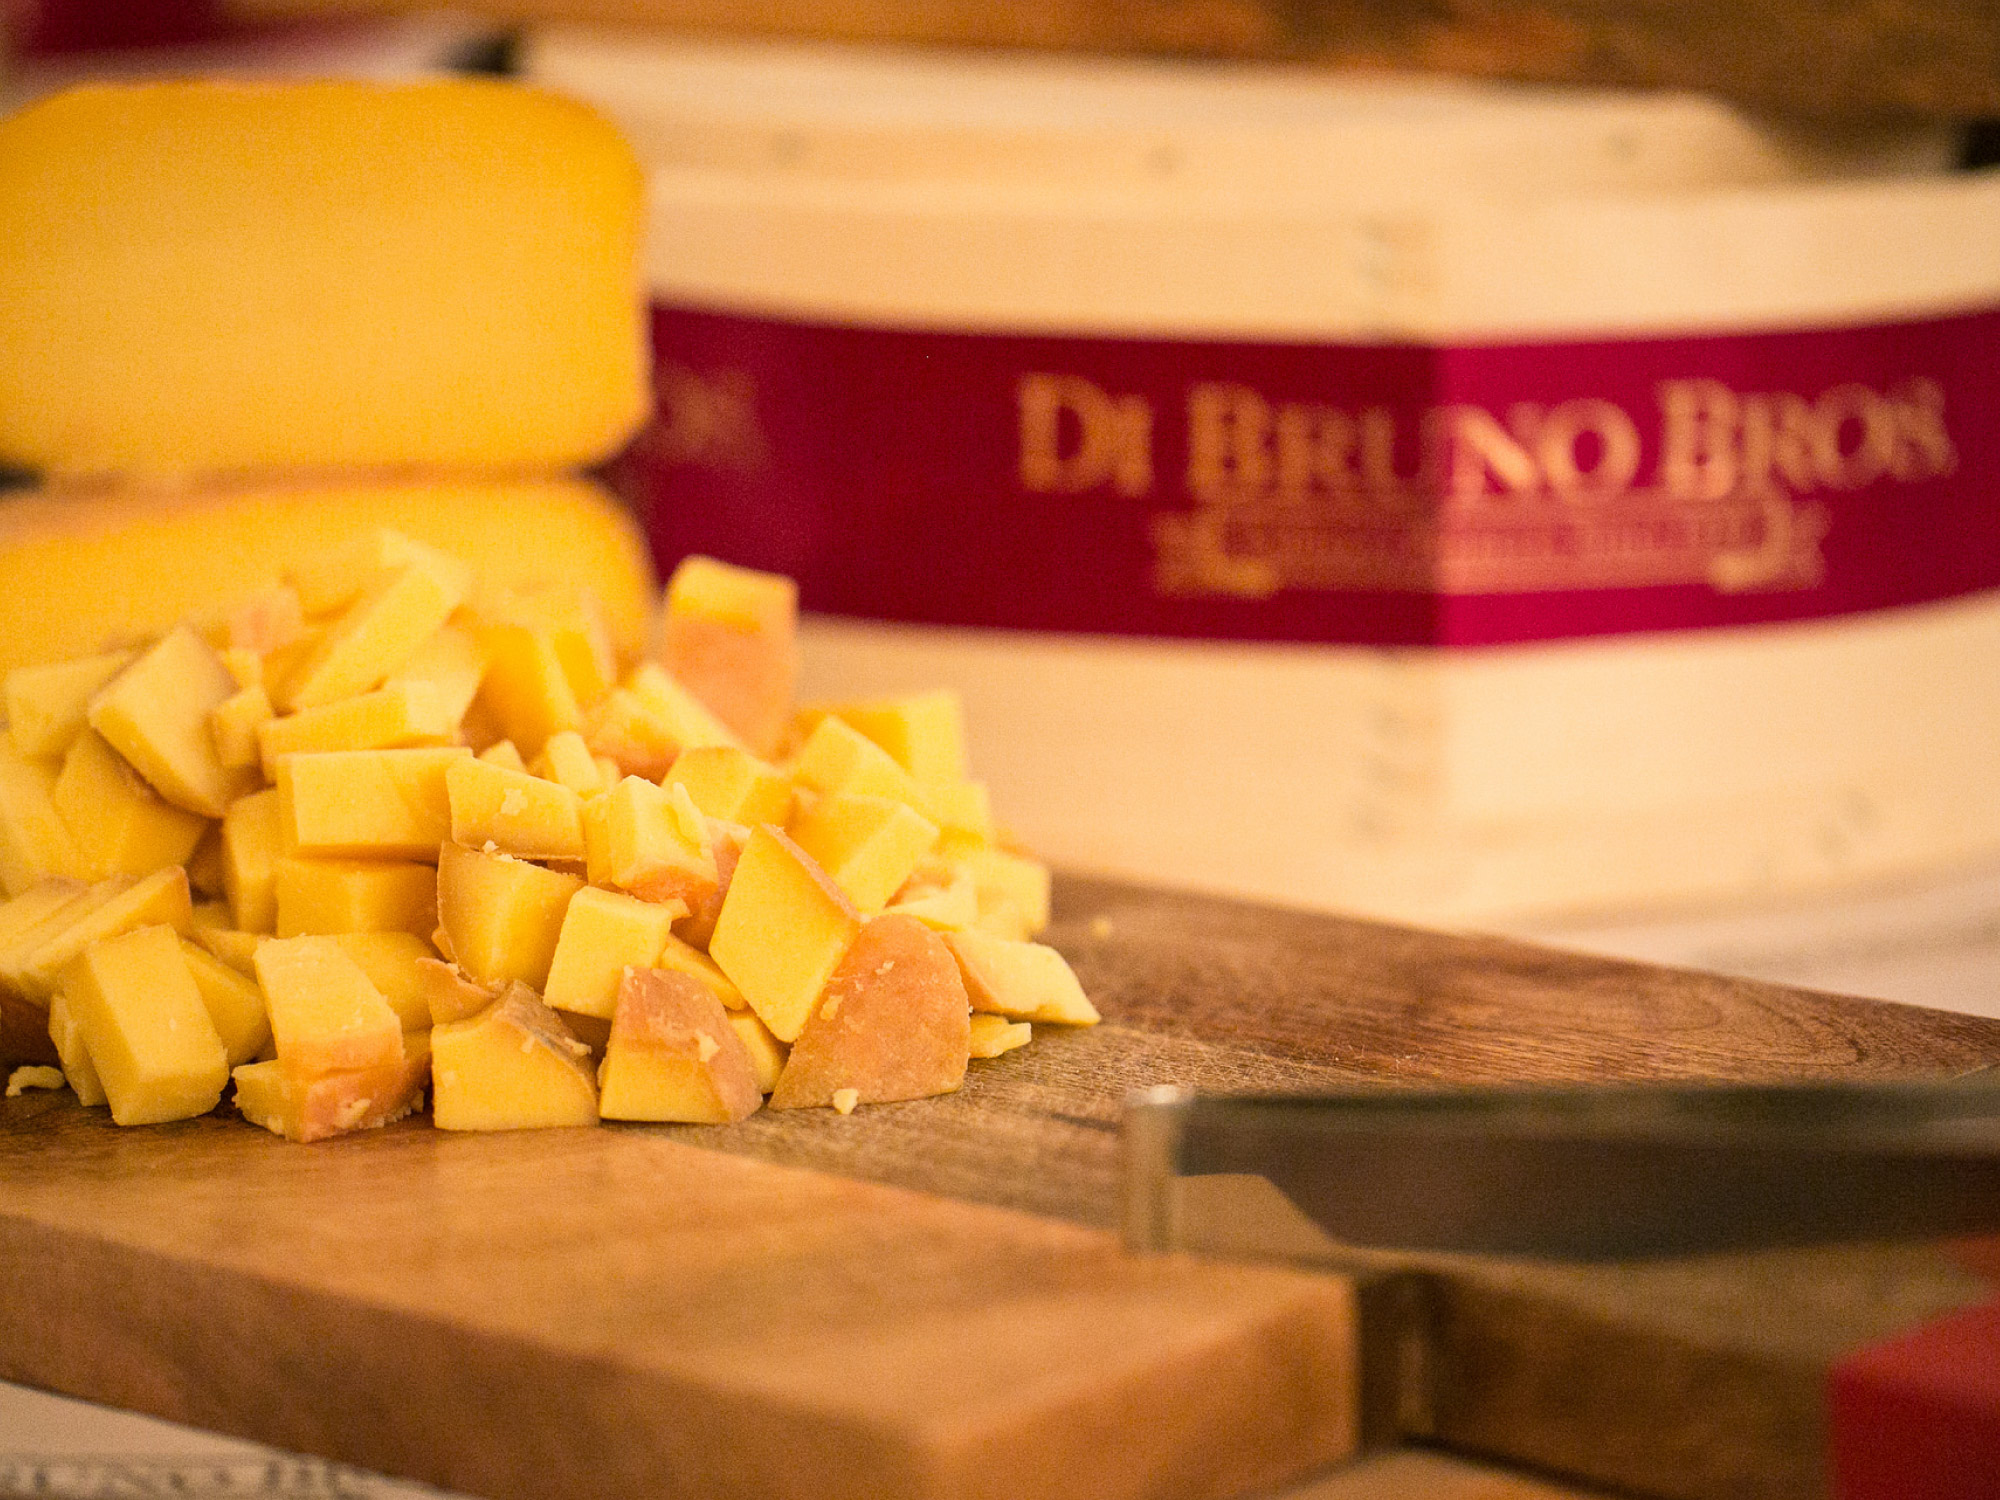 cheese-dibrno.jpg